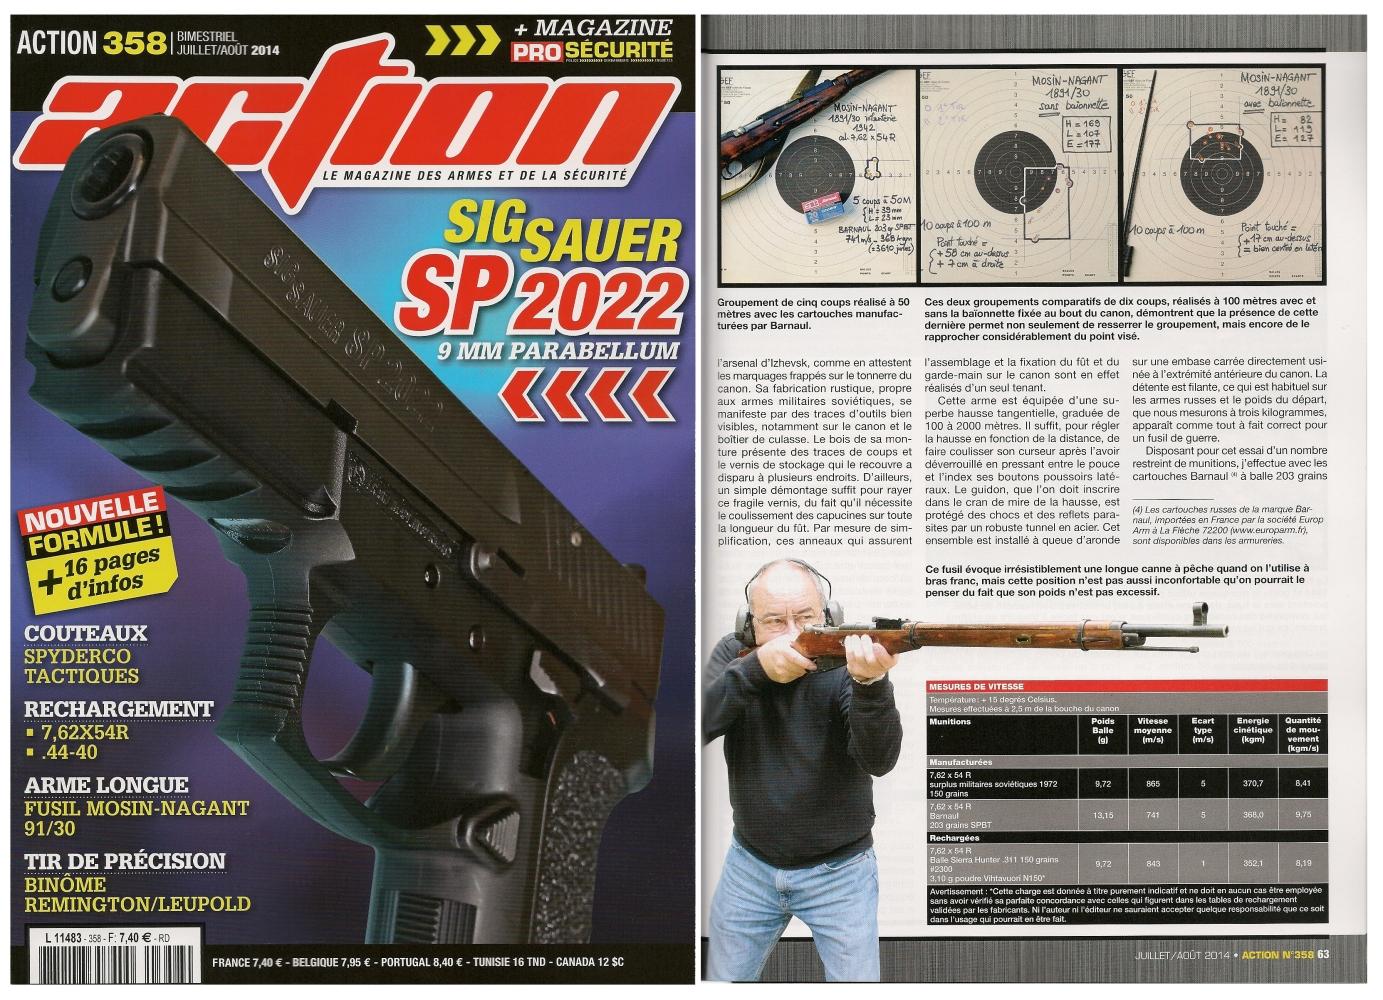 Le banc d'essai du fusil Mosin-Nagant modèle 1891/30 a été publié sur 6 pages dans le magazine Action n° 358 (juillet/août 2014).